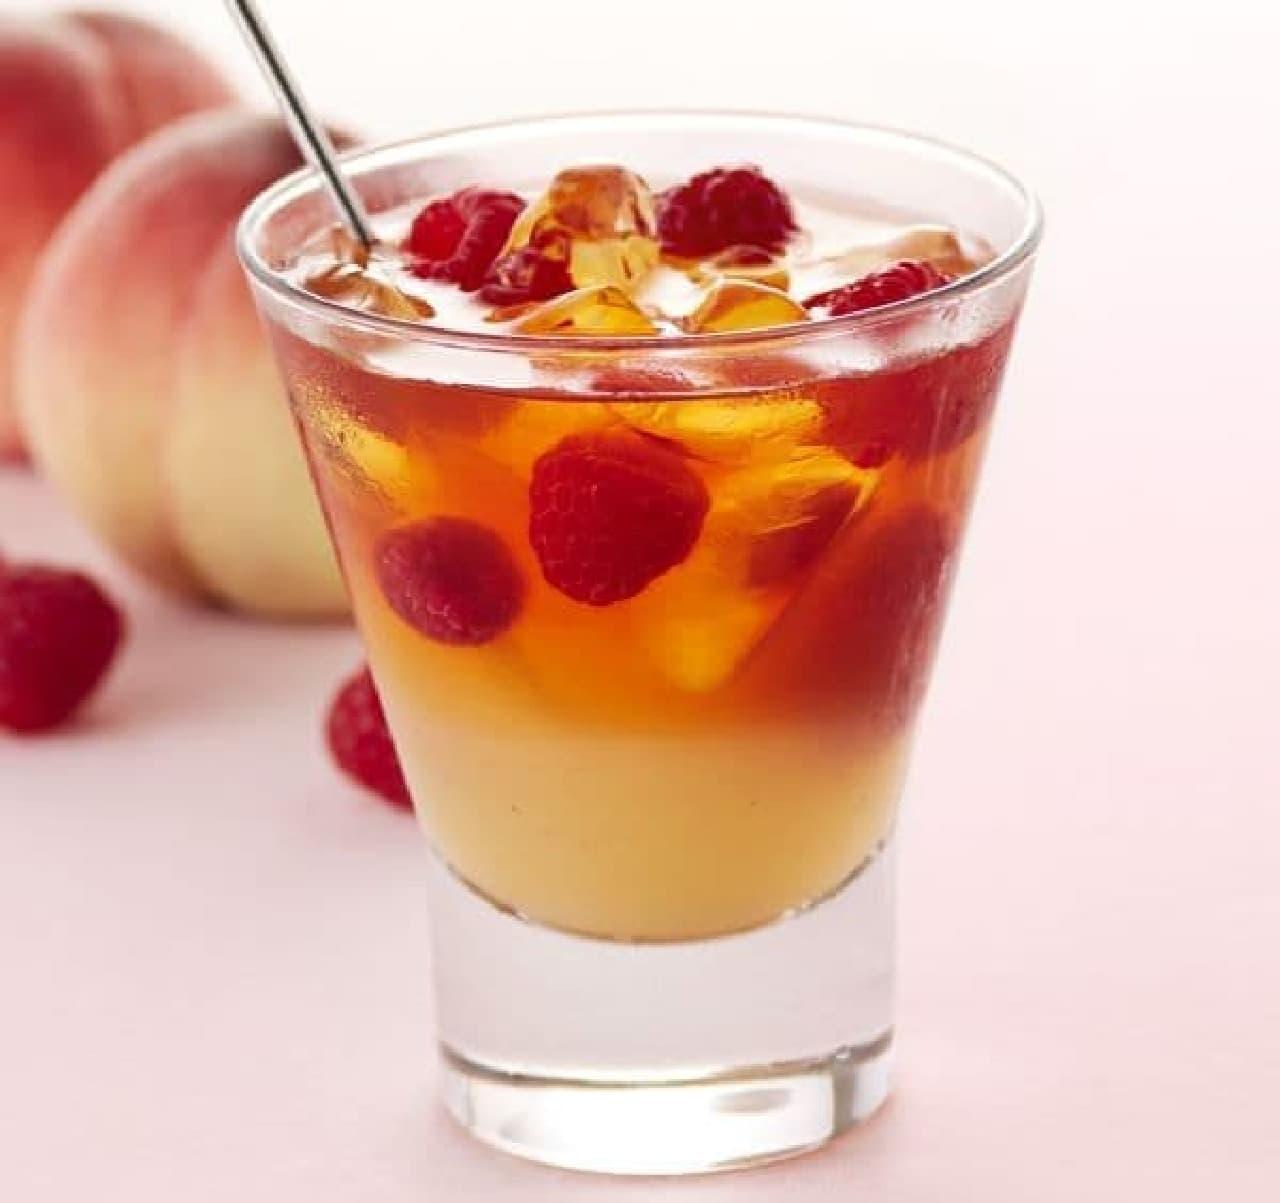 & TEA ピーチティー&フランボワーズは、国産の白桃果汁が使用されたフルーツティー